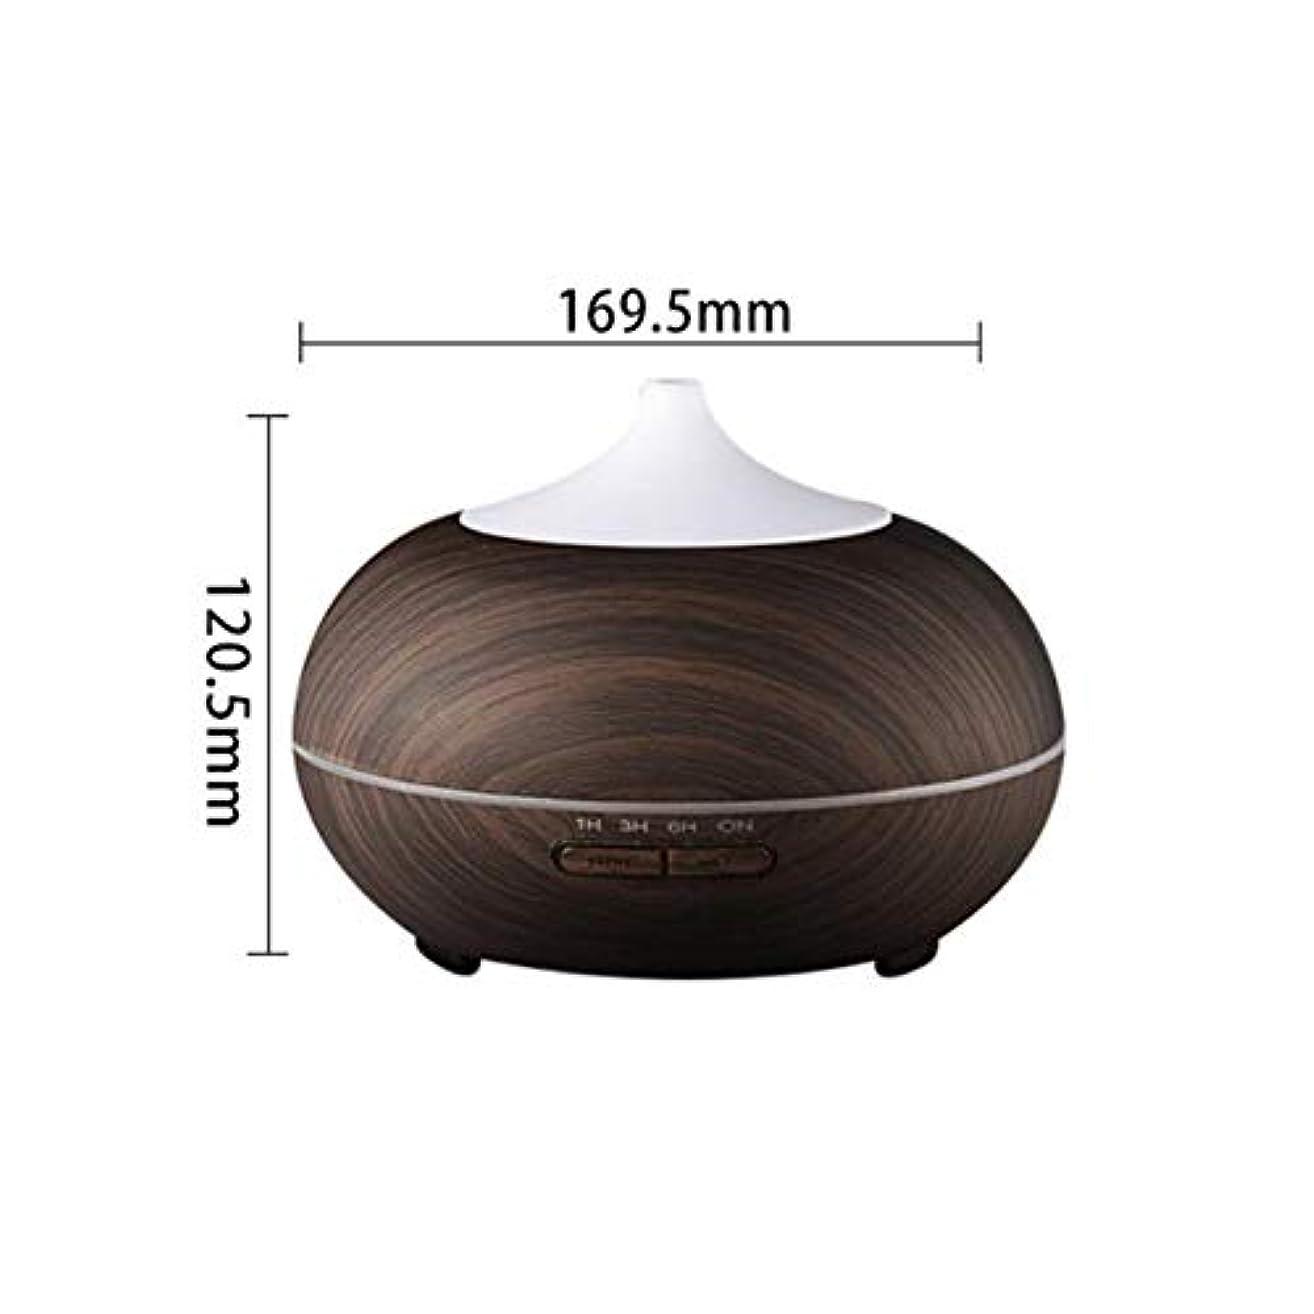 ブレス大腿項目木目 涼しい霧 加湿器,7 色 空気を浄化 加湿機 時間 手動 Wifiアプリコントロール 精油 ディフューザー アロマネブライザー Yoga- 300ml